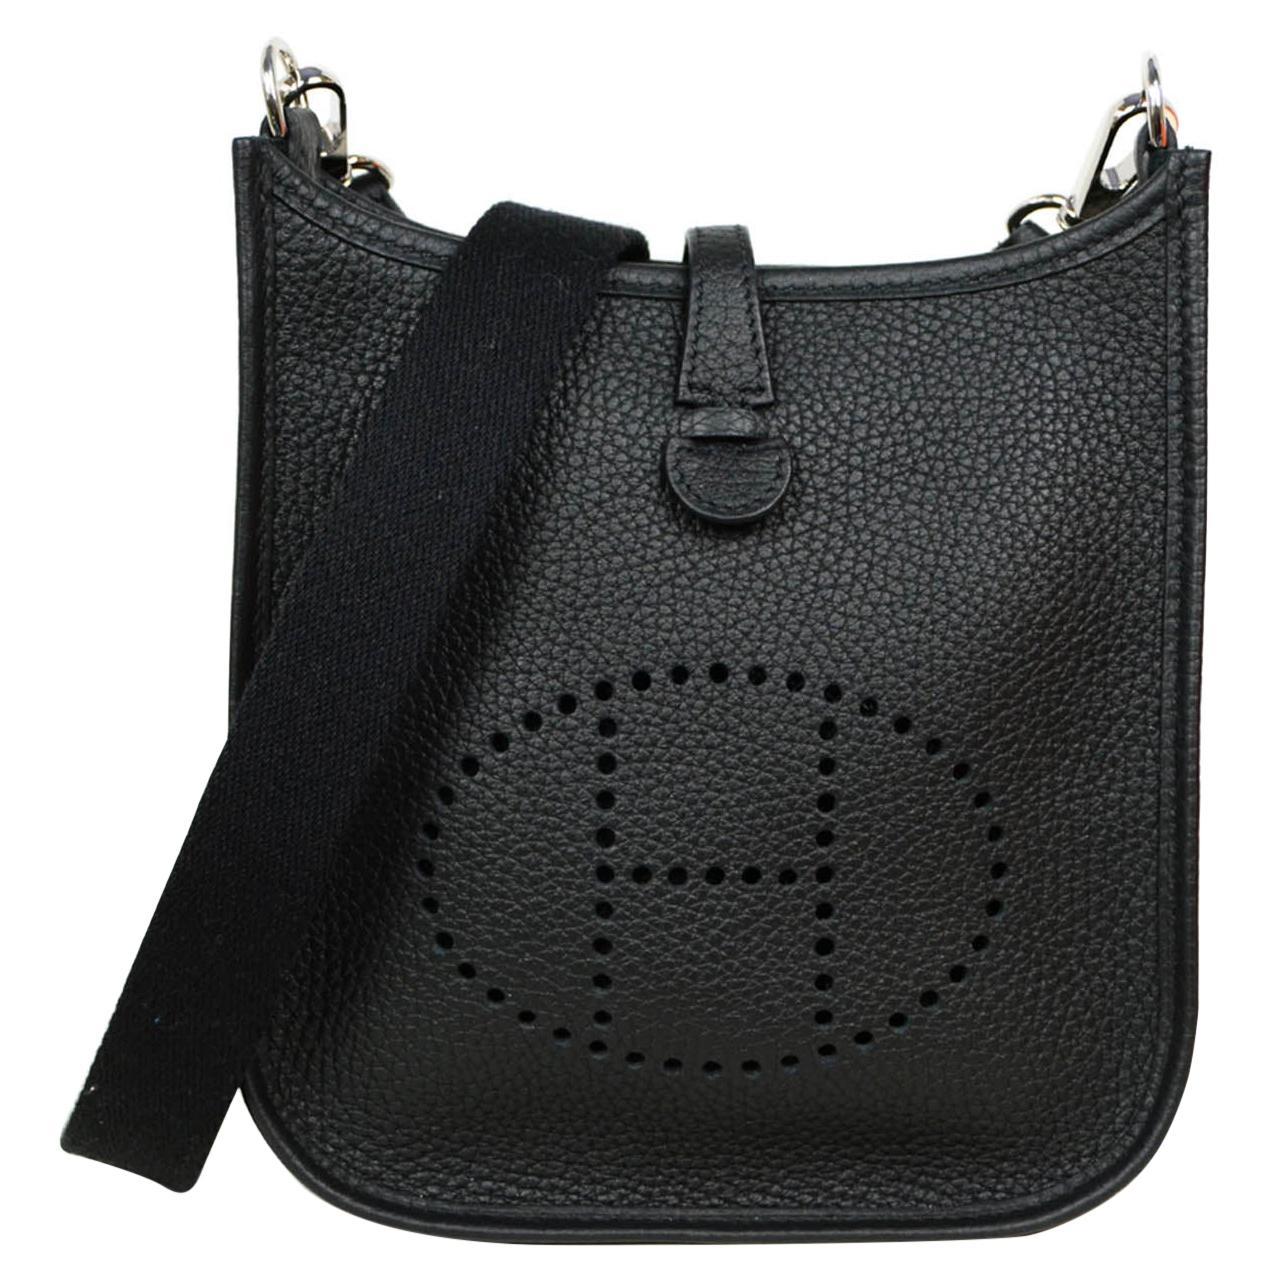 Hermes Black Taurillon Clemence Leather Evelyne TPM Crossbody Bag